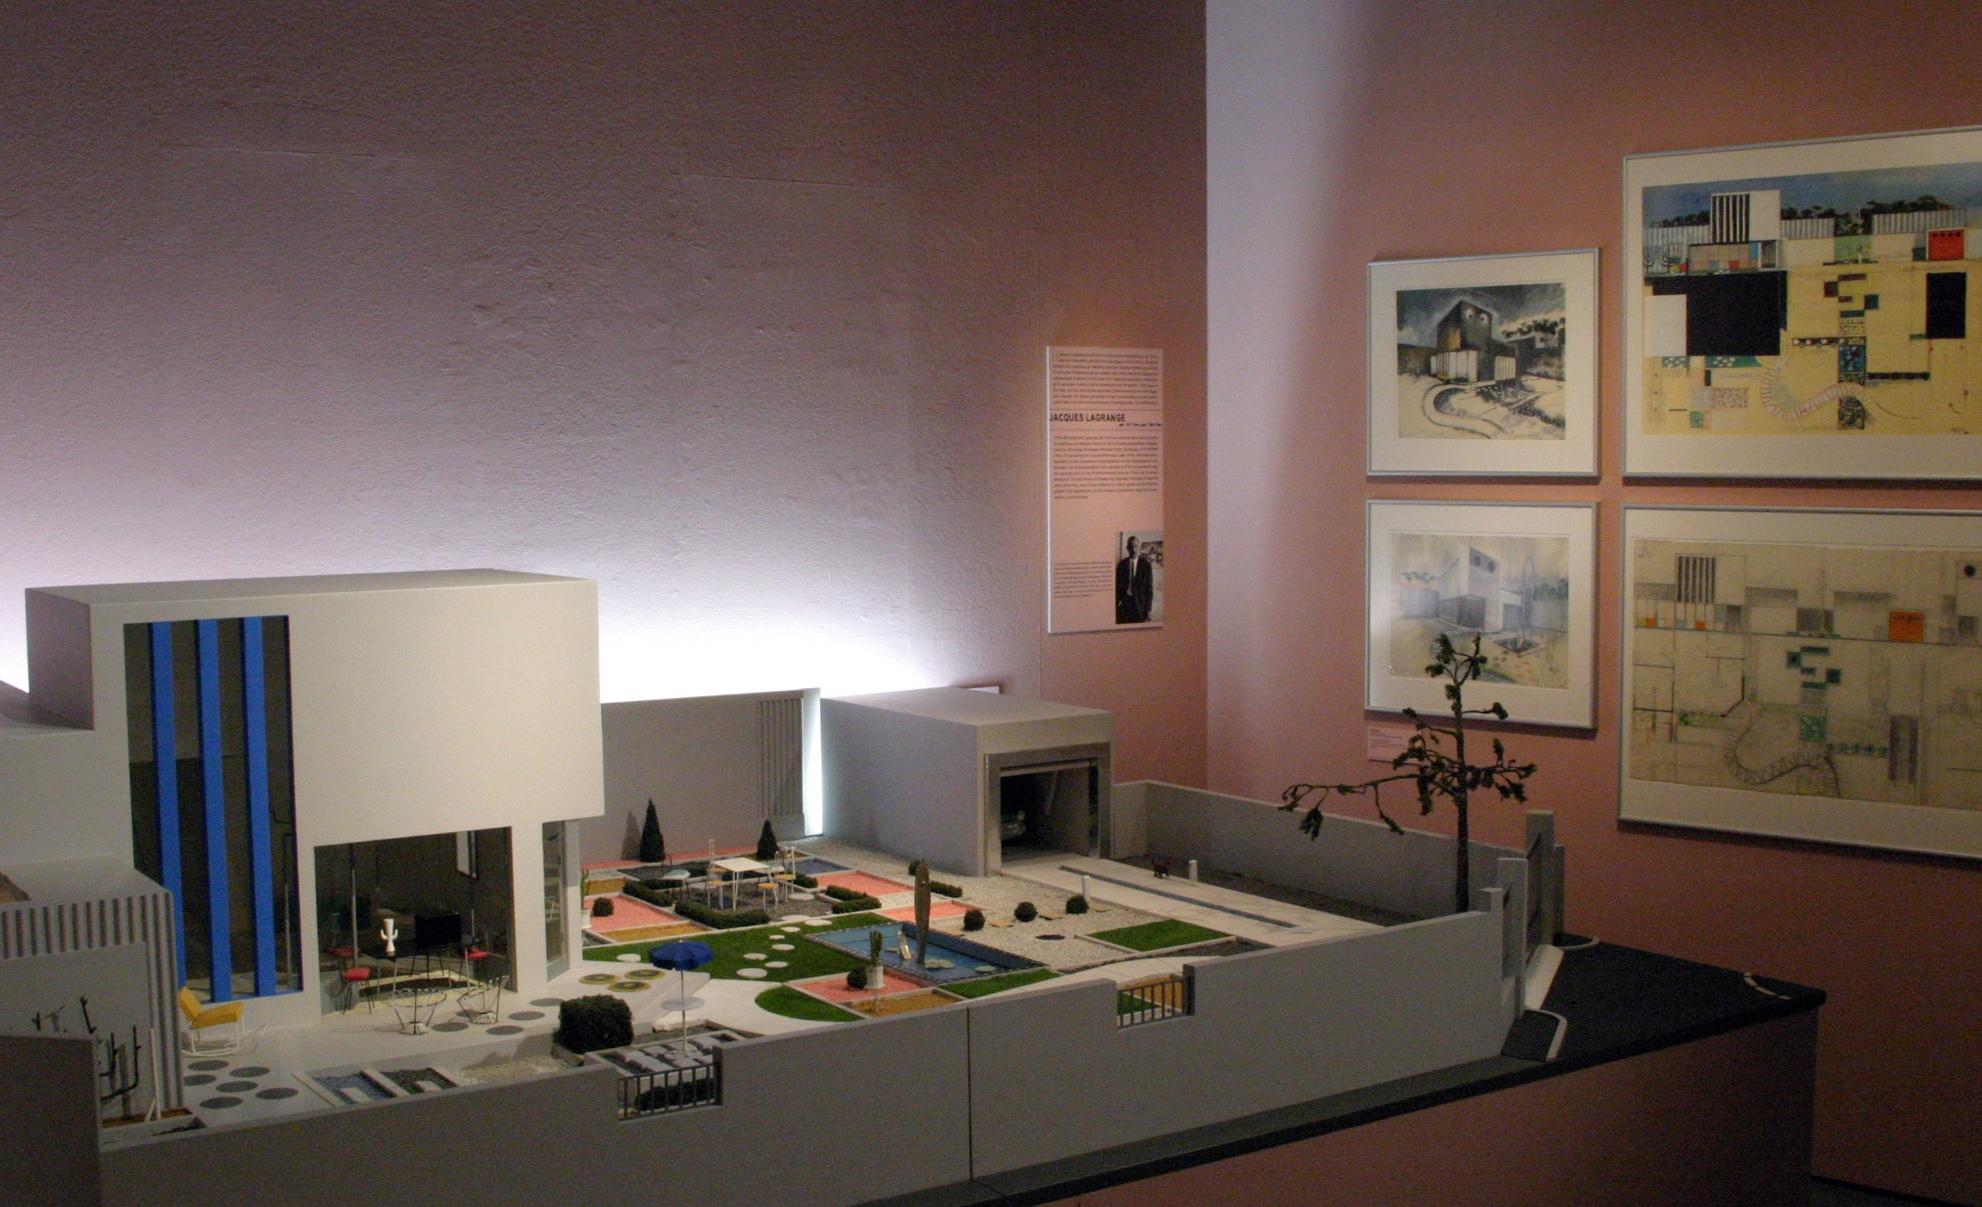 """Raumansicht der Ausstellung """"Bewegte Räume – Production Design + Film"""", Deutsche Kinemathek, Berlin"""